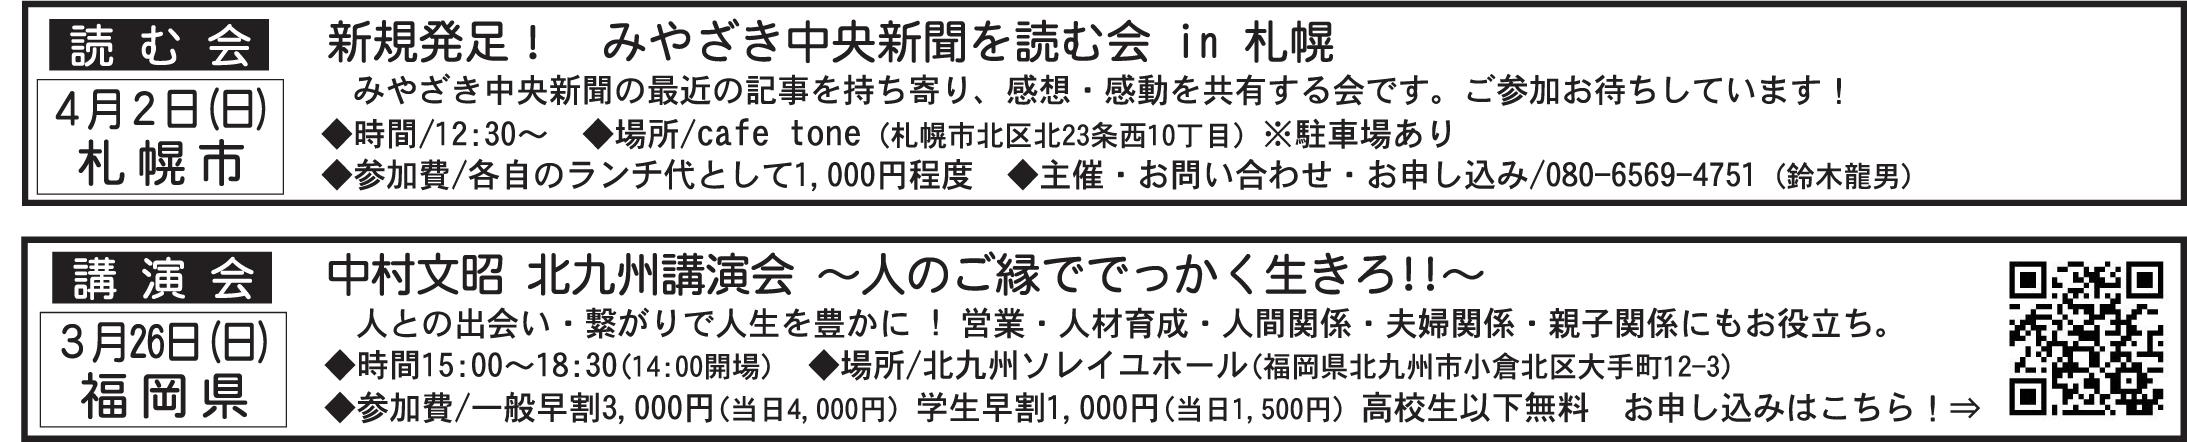 muryo2686.jpg